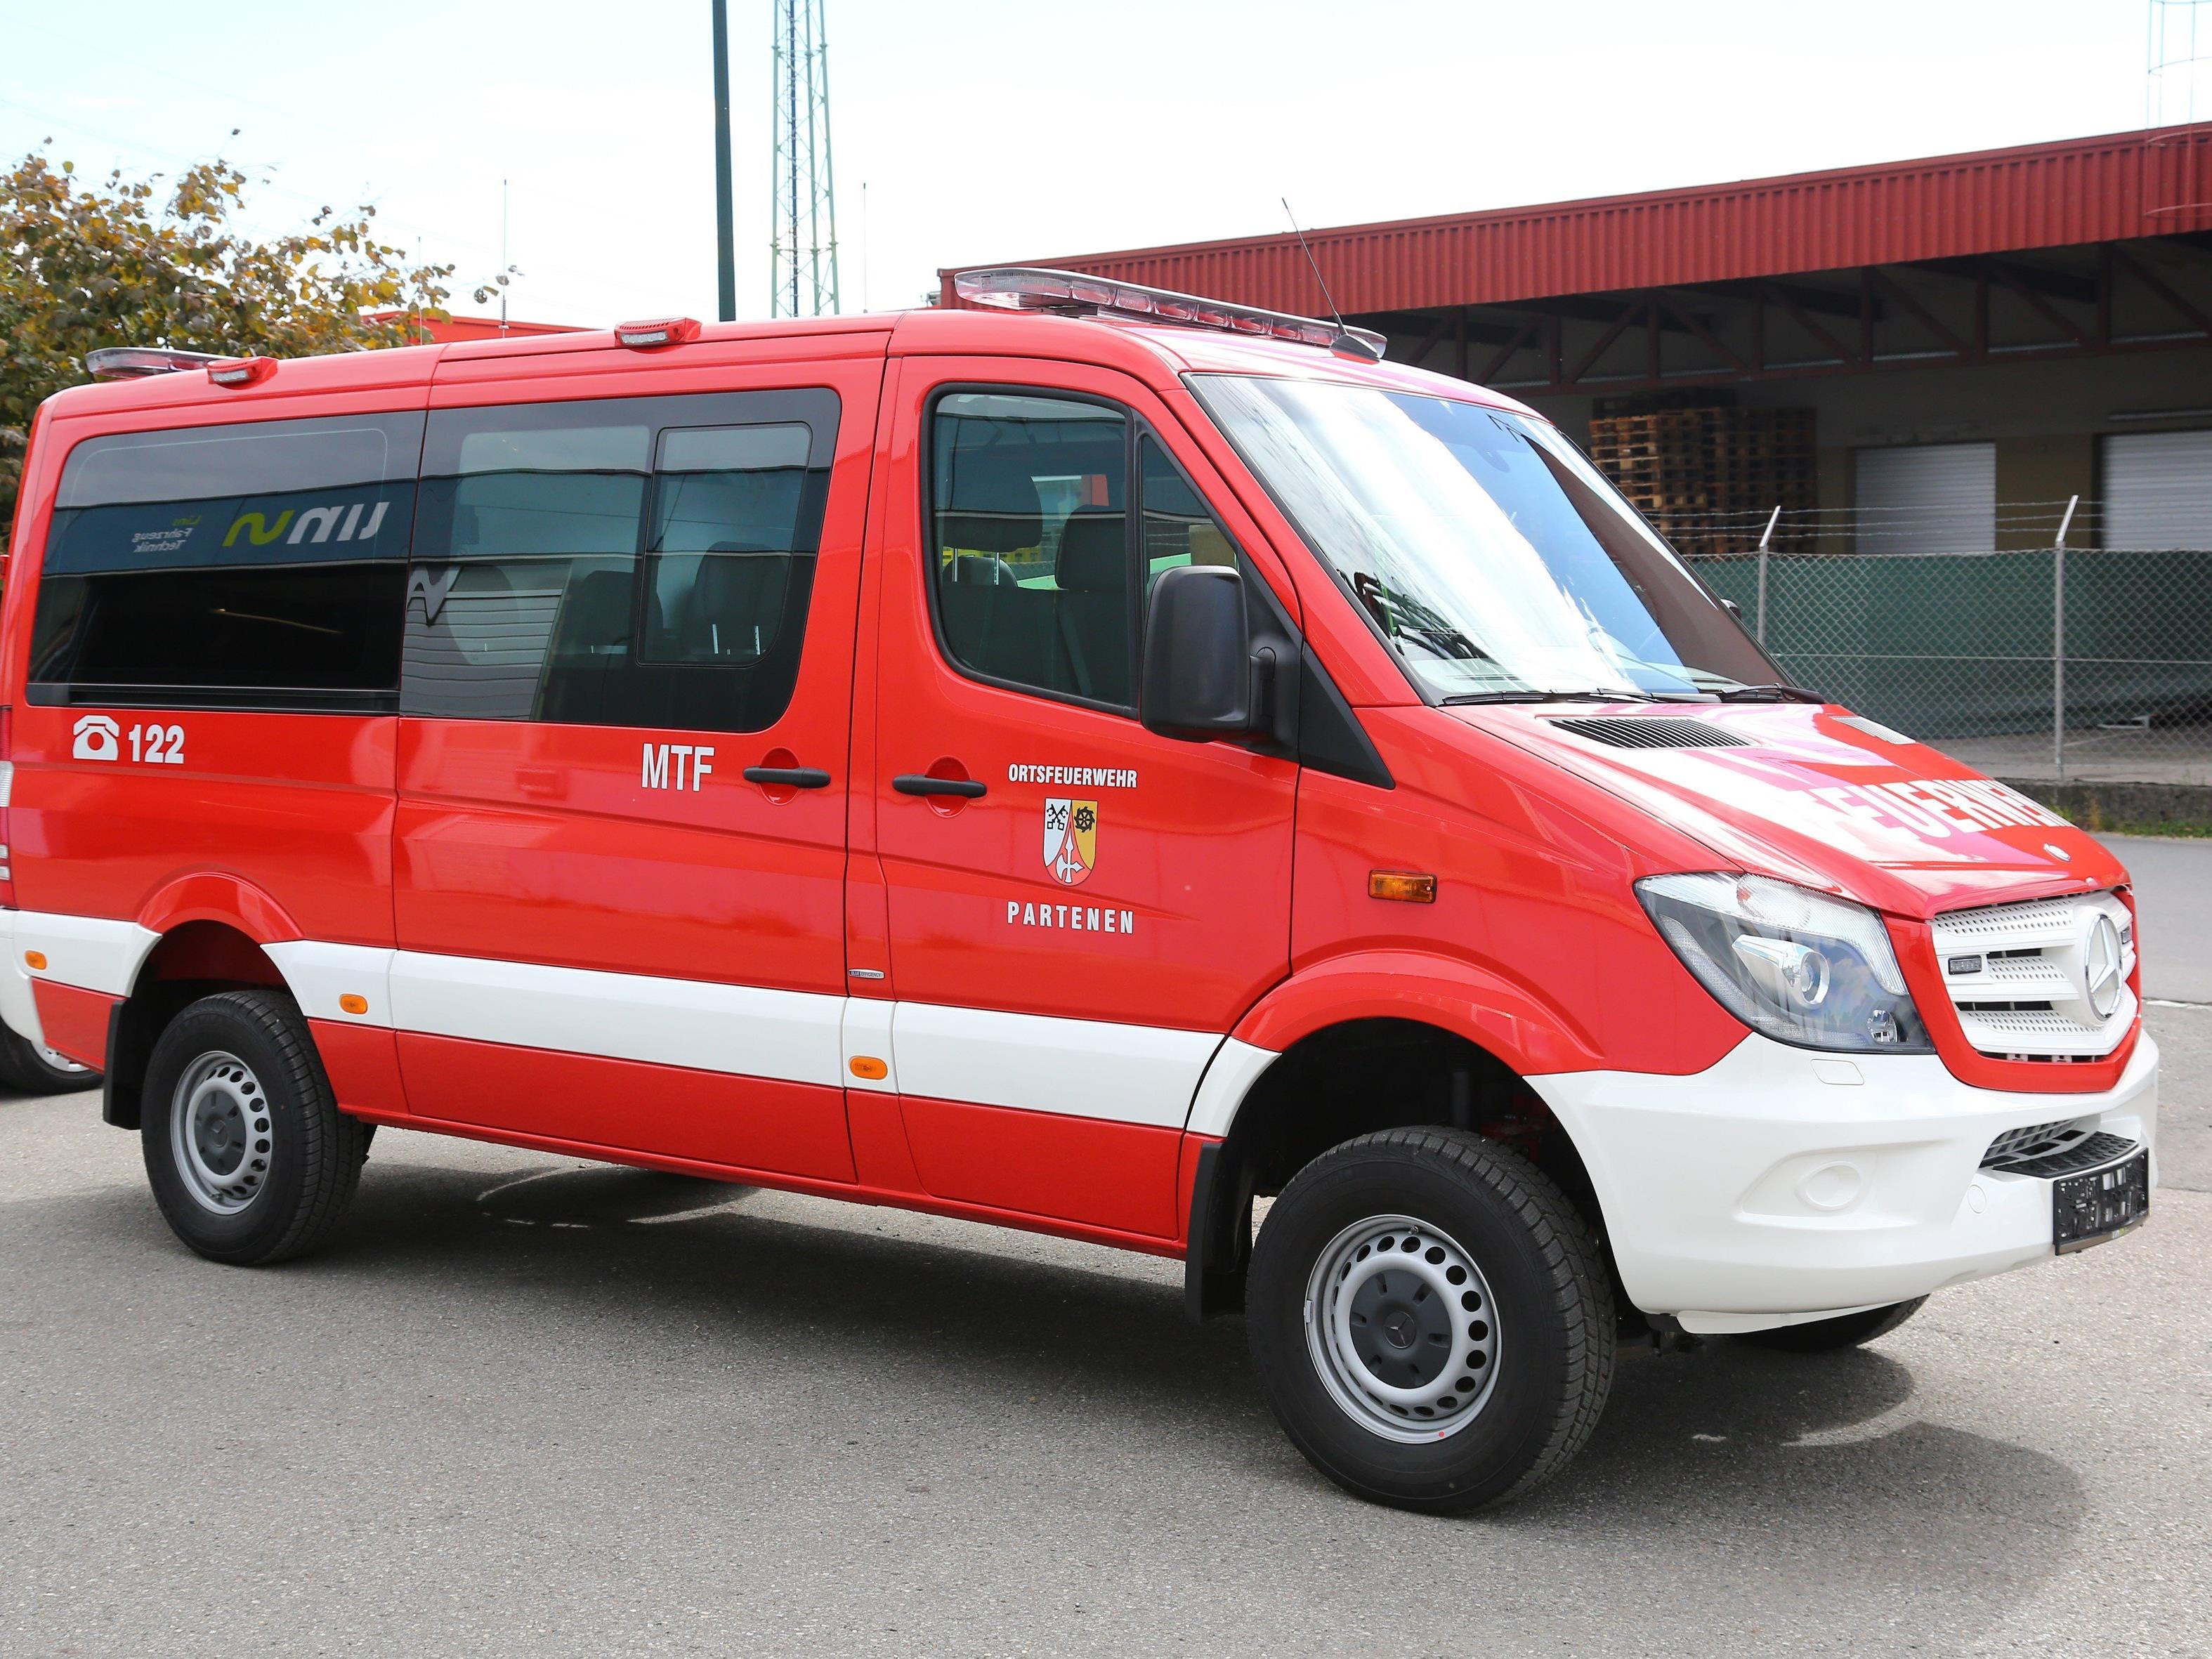 MTF - Feuerwehr Partenen